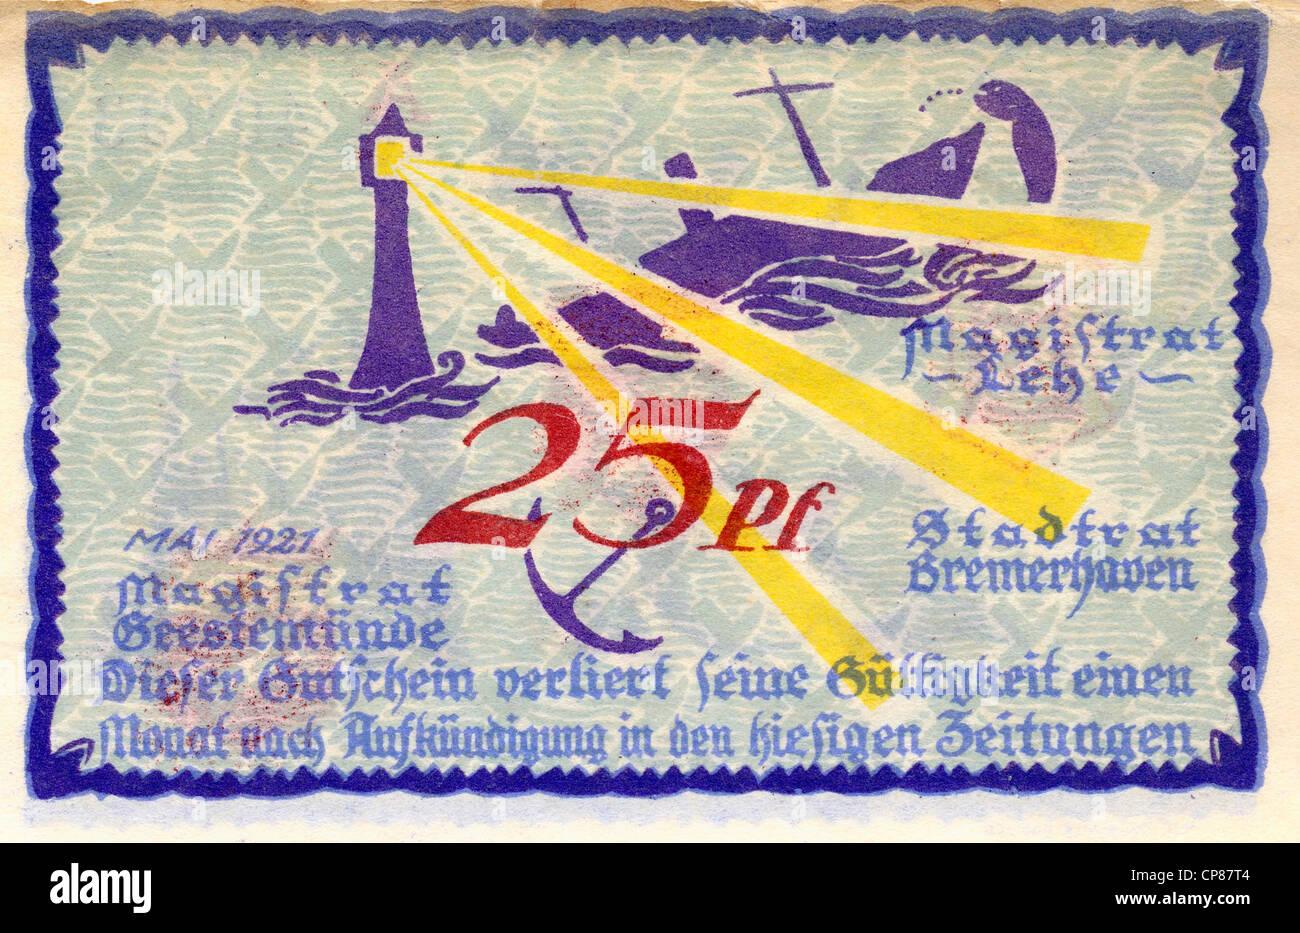 Notgeld aus Bremerhaven, 25 Pfennig, 1921, Deutschland, Europa, Emergency currency, banknote, Germany, Europe - Stock Image